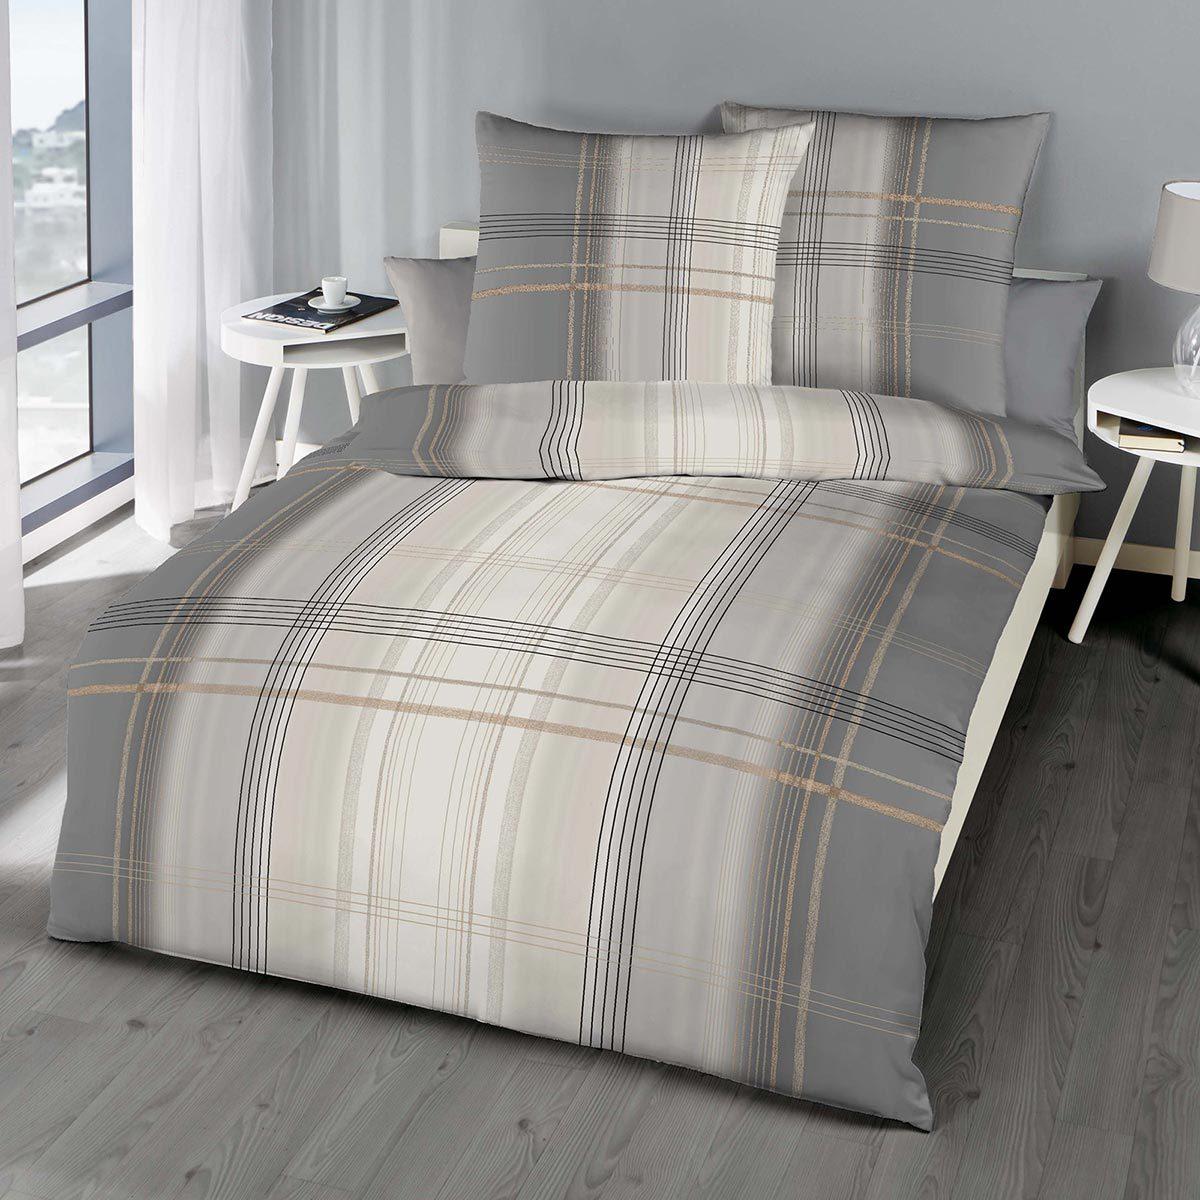 Kaeppel Biber Bettwäsche Tissue Grau Günstig Online Kaufen Bei